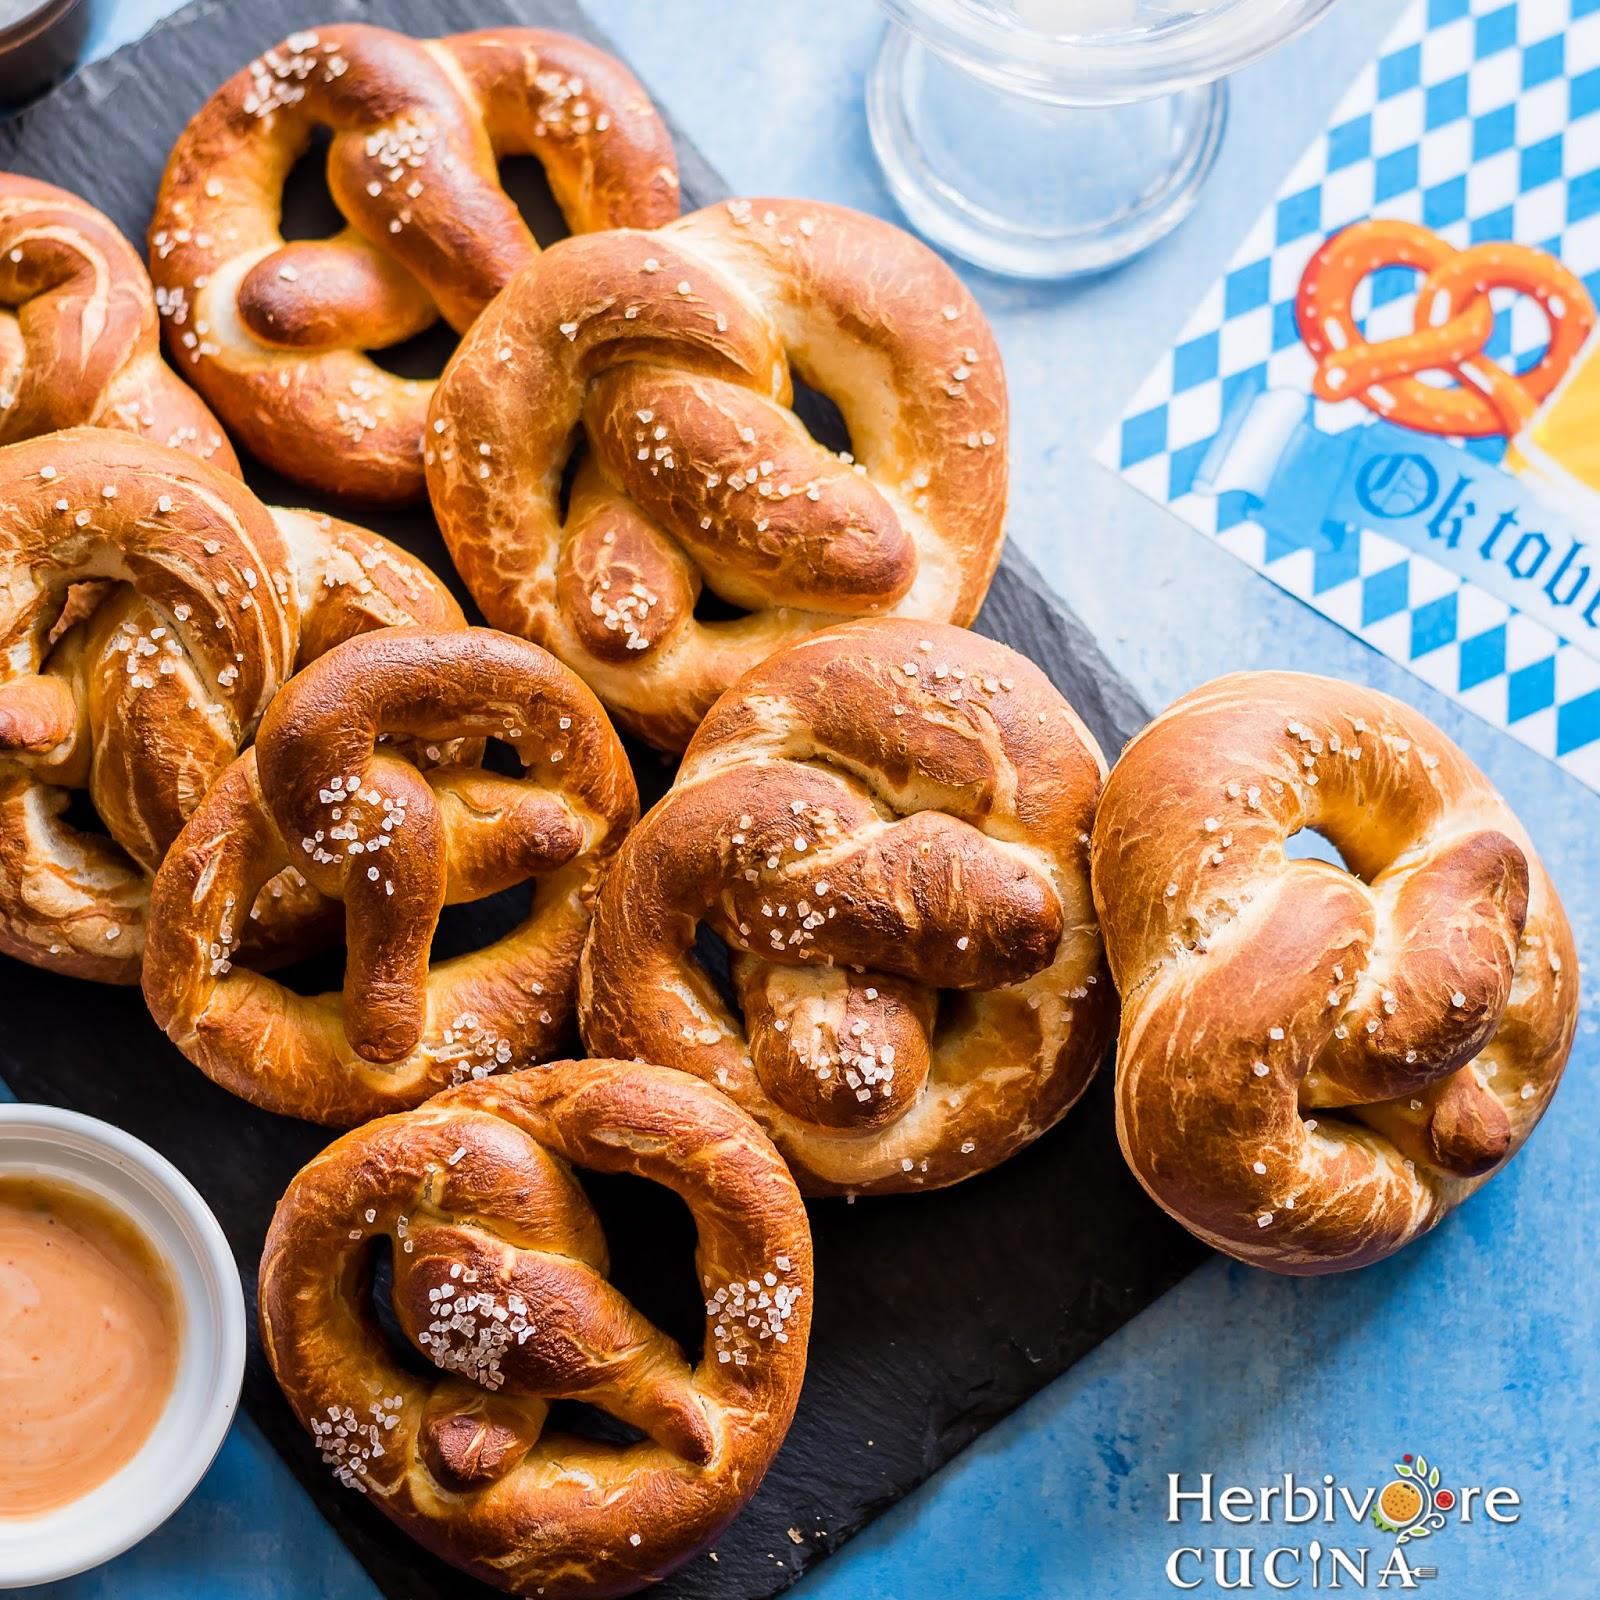 herbivore cucina german soft pretzels laugenbrezel for breadbakers